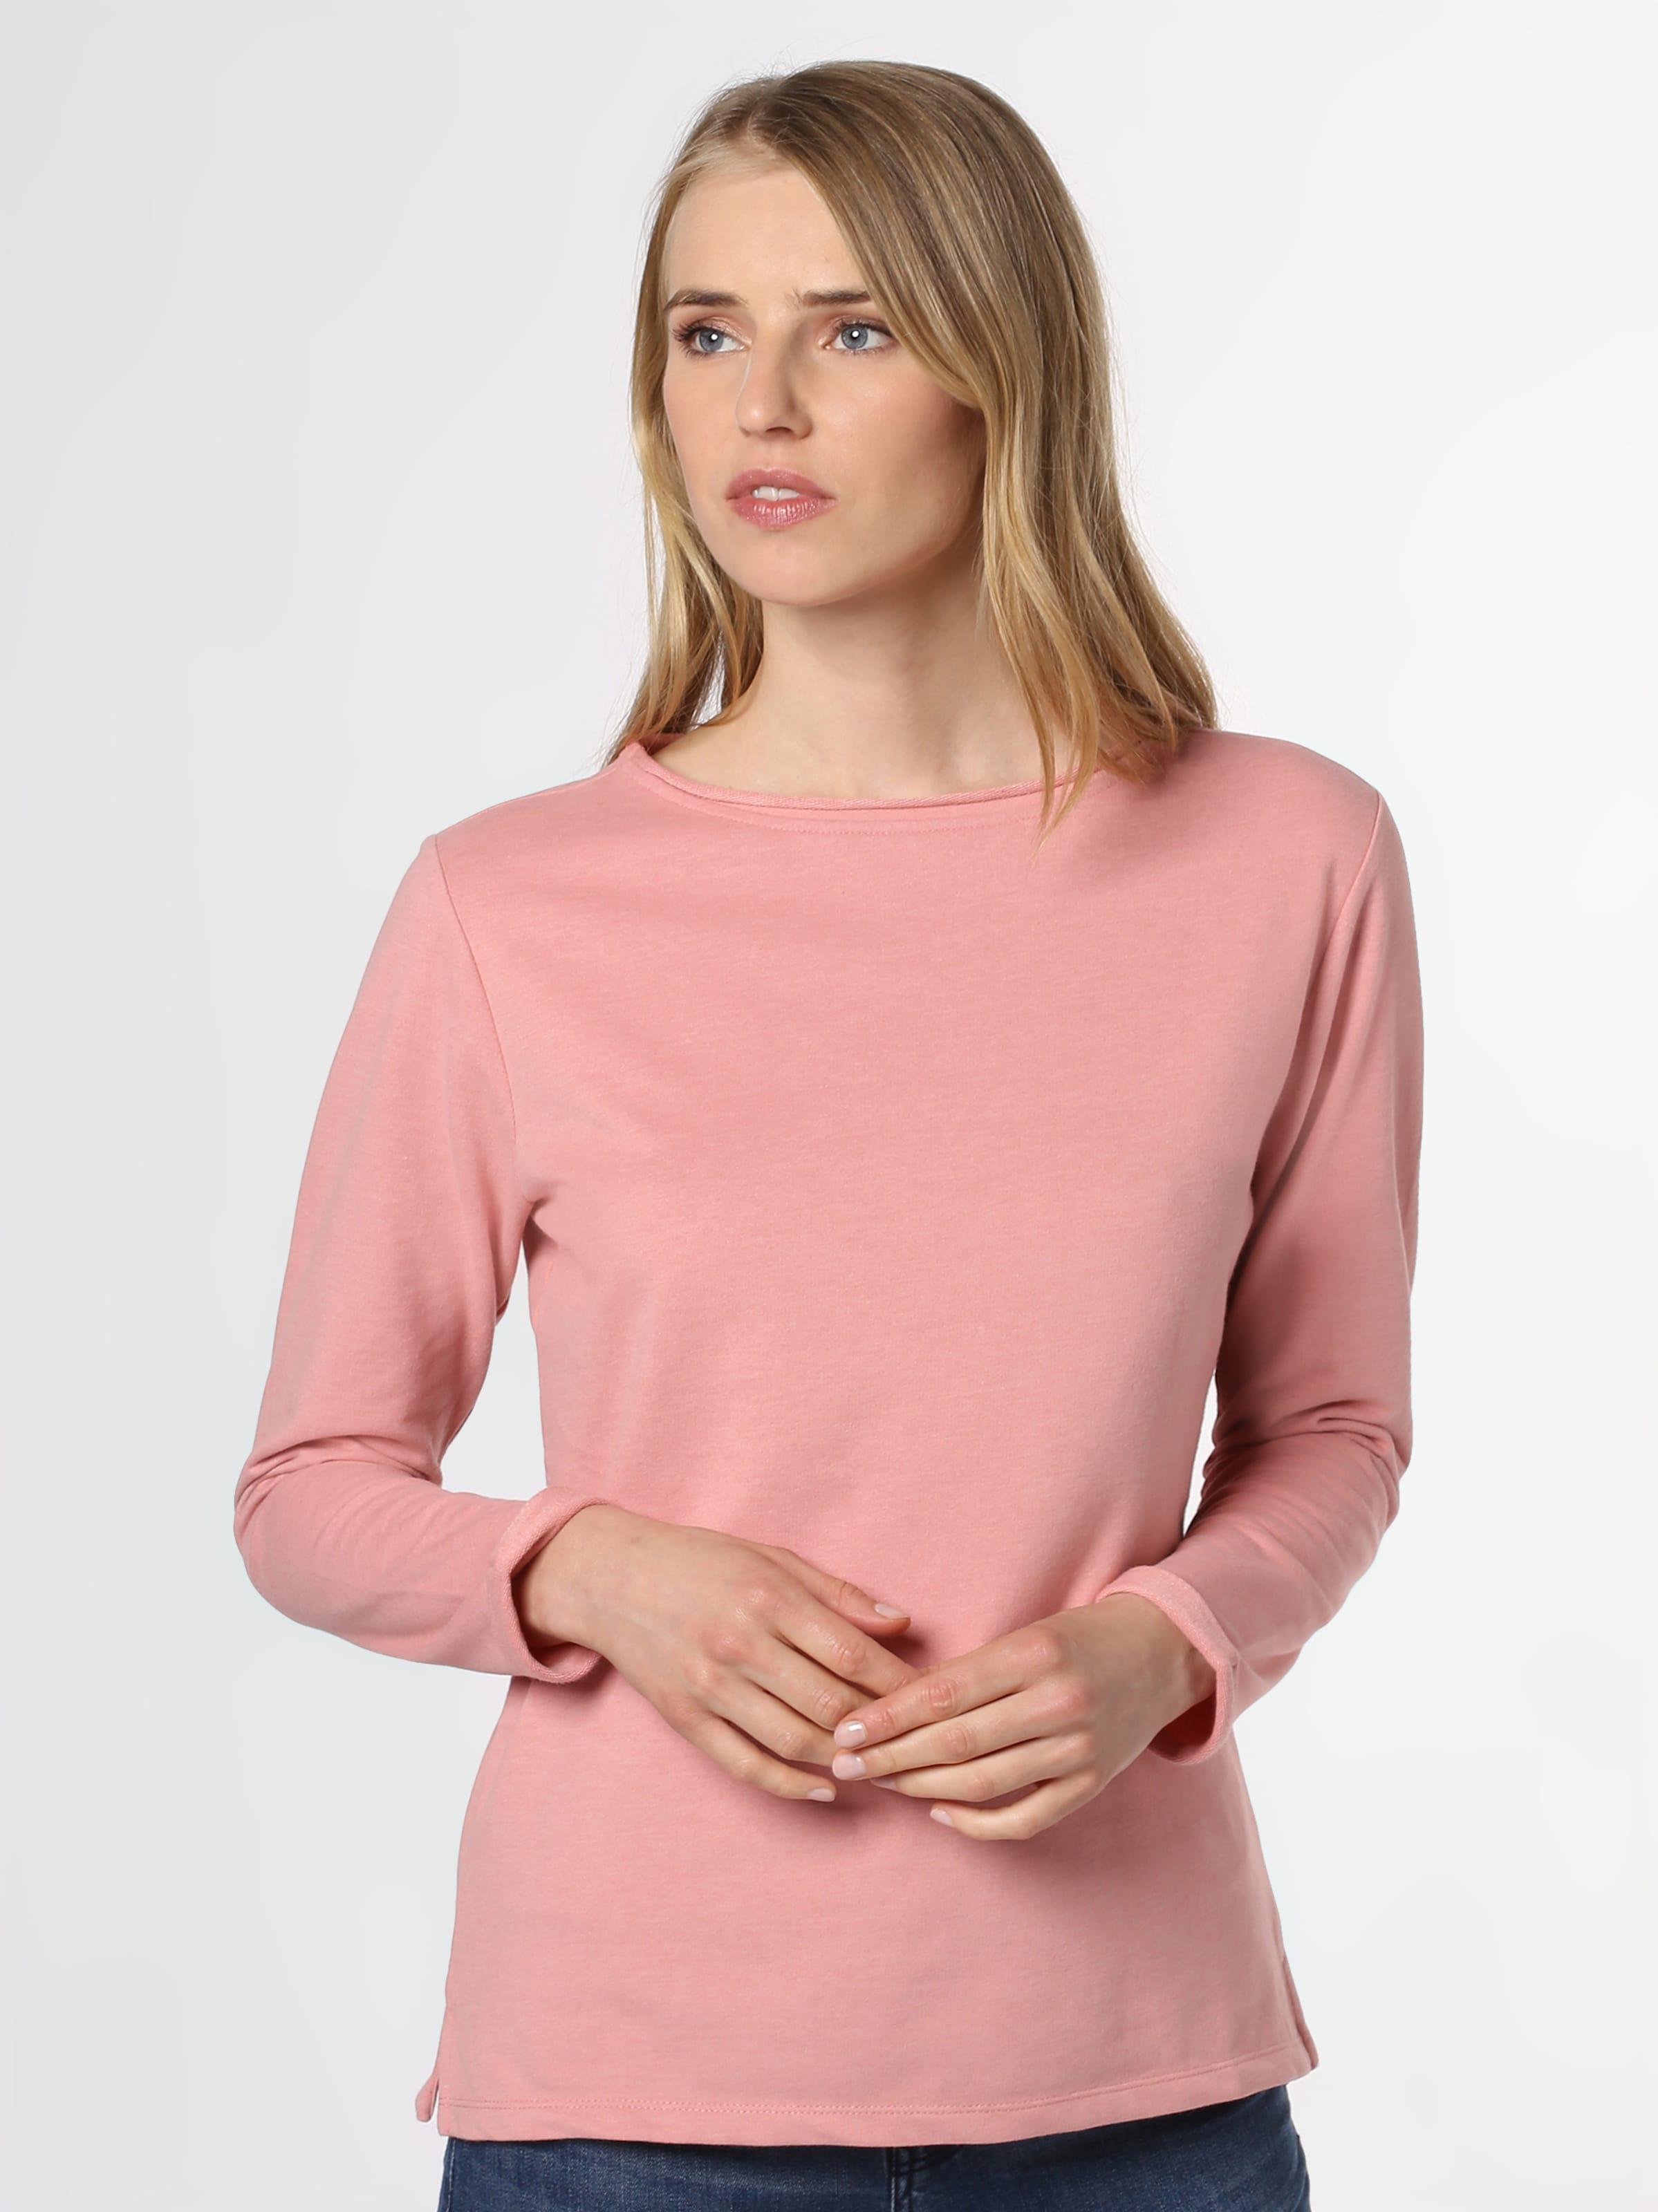 Marie In Sweatshirt Marie Sweatshirt Sweatshirt Marie Rosé Lund Rosé In Lund Lund eQrCxodBW